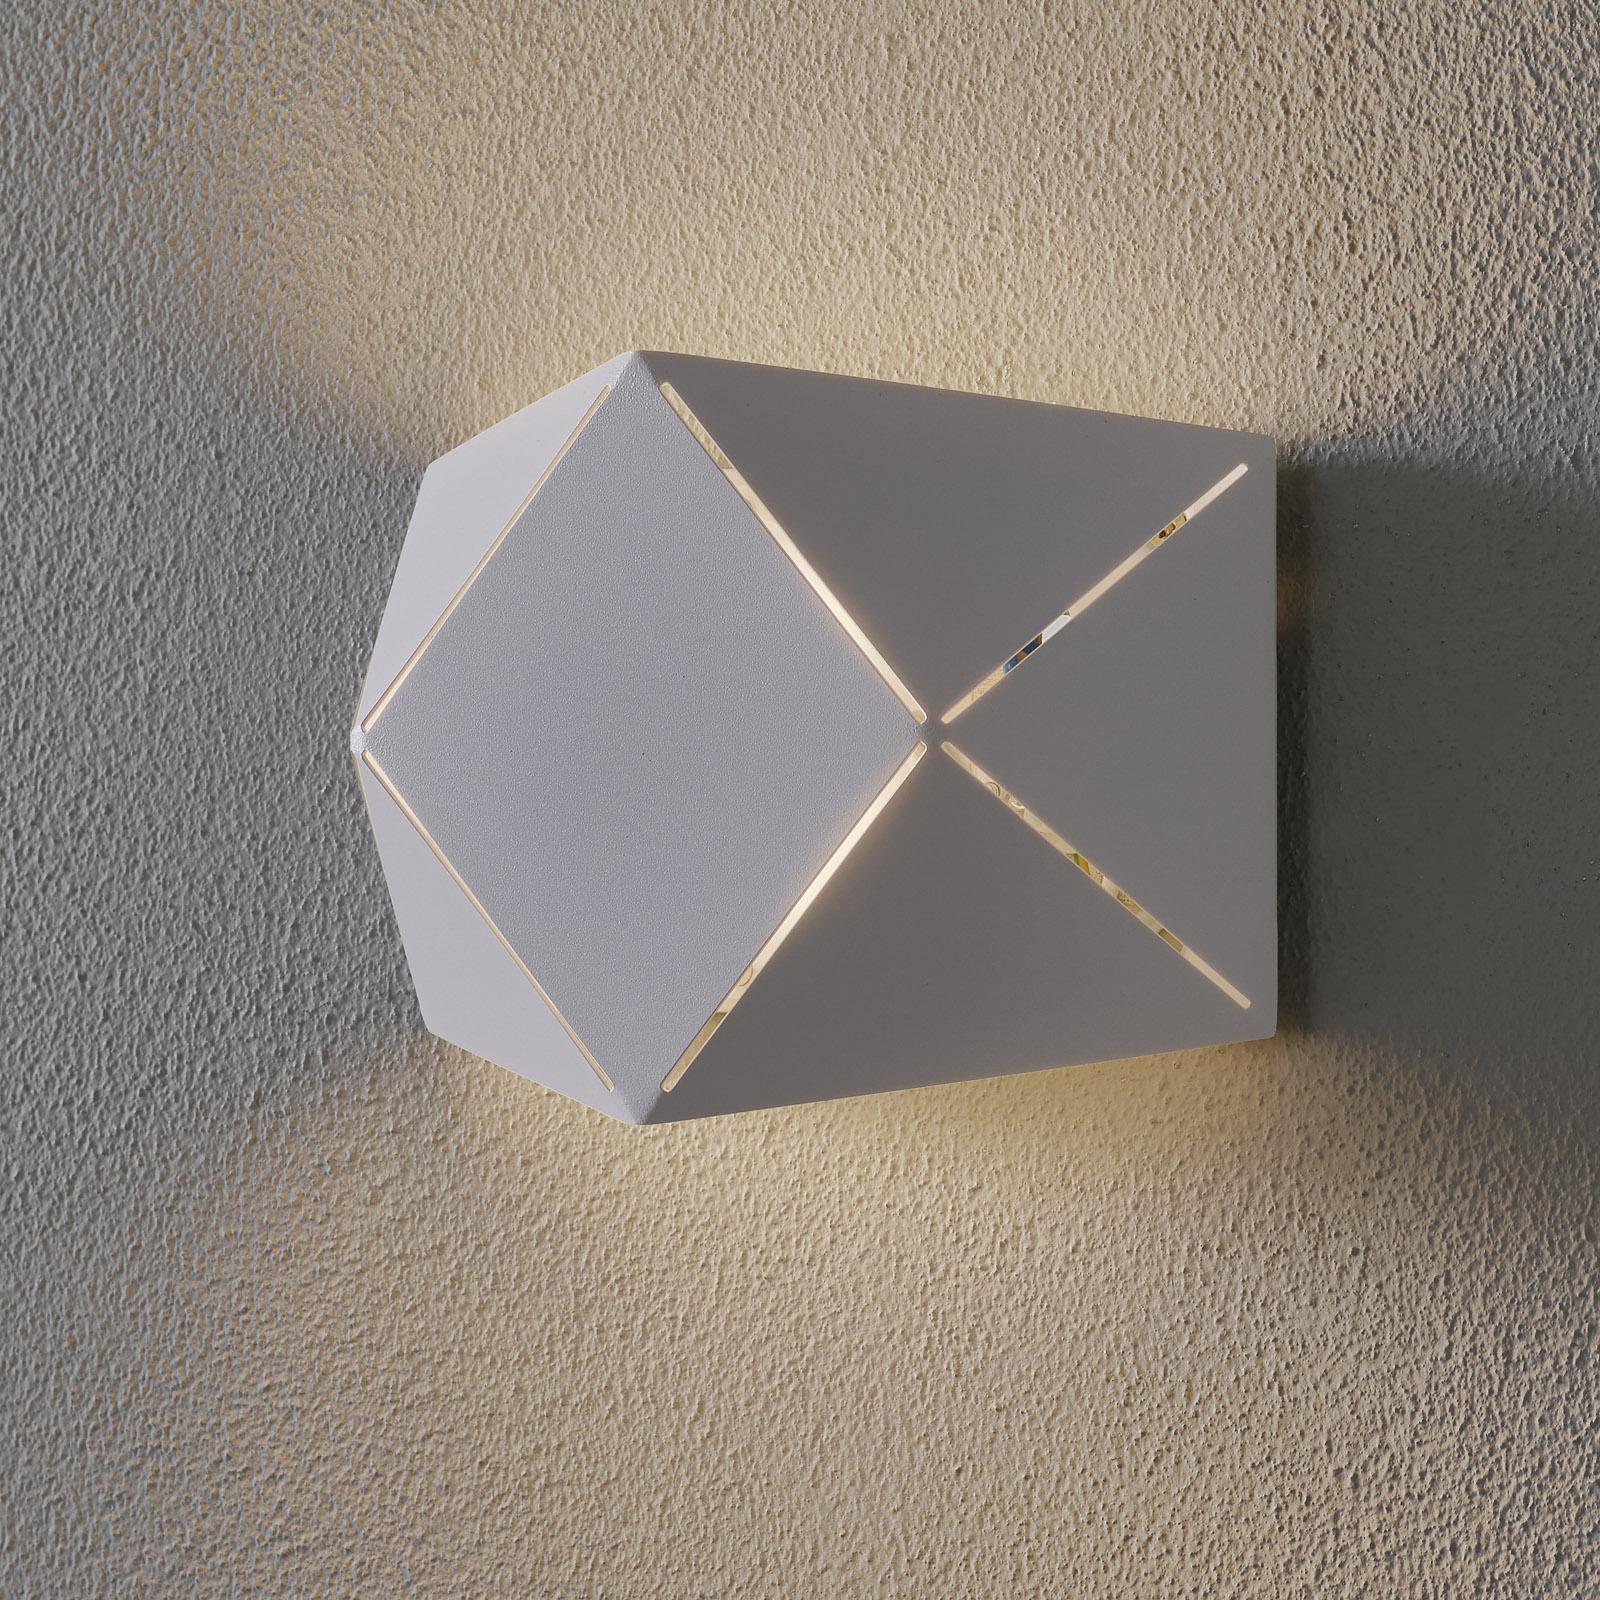 LED-seinävalaisin Zandor leveys 18 cm